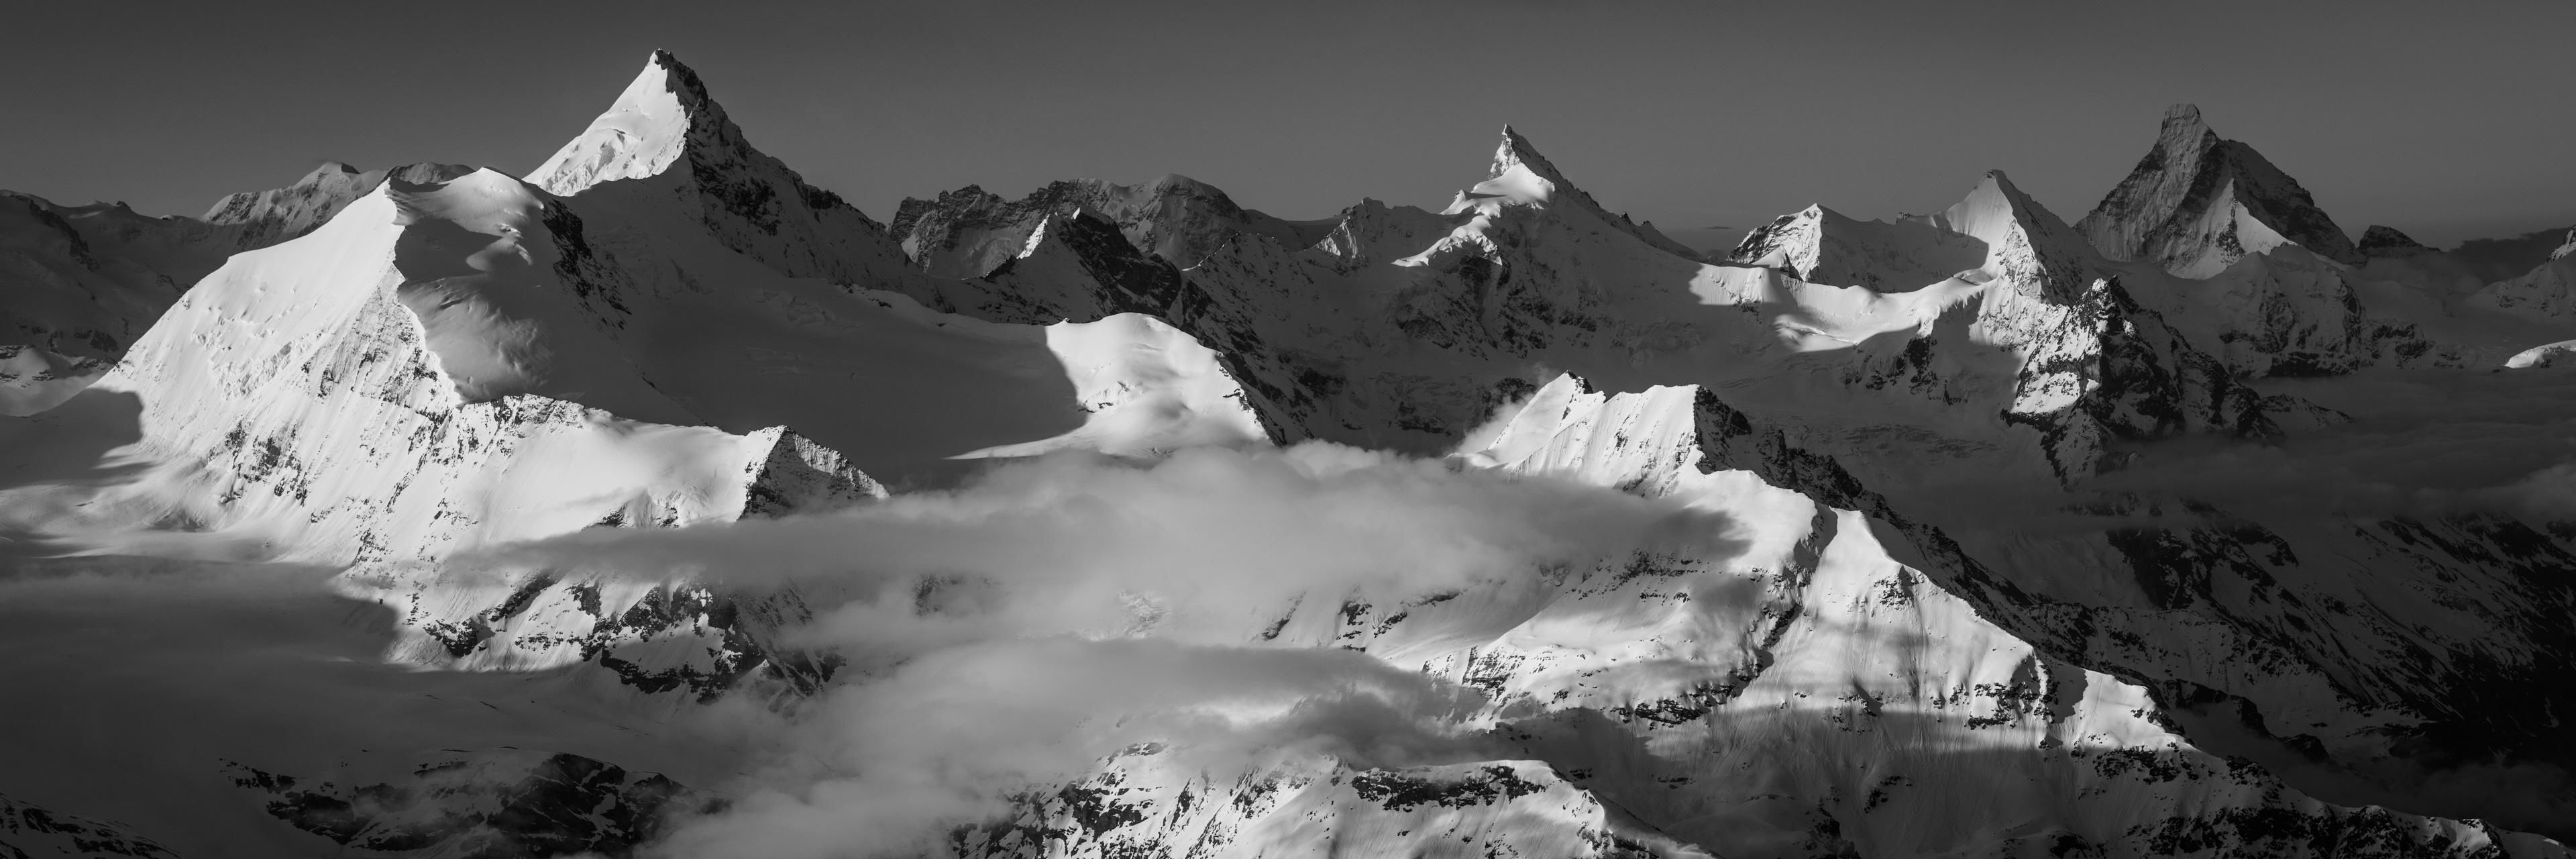 Image montagne Valais suisse - Photo de montagne en noir et blanc Alpes - tableau panorama montagne - photo montagne coucher de soleil